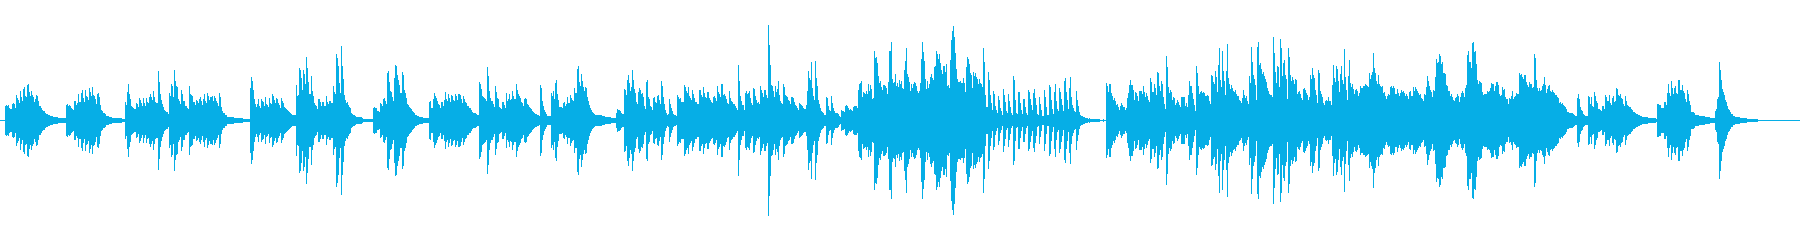 名曲「春の海」ピアノソロの再生済みの波形